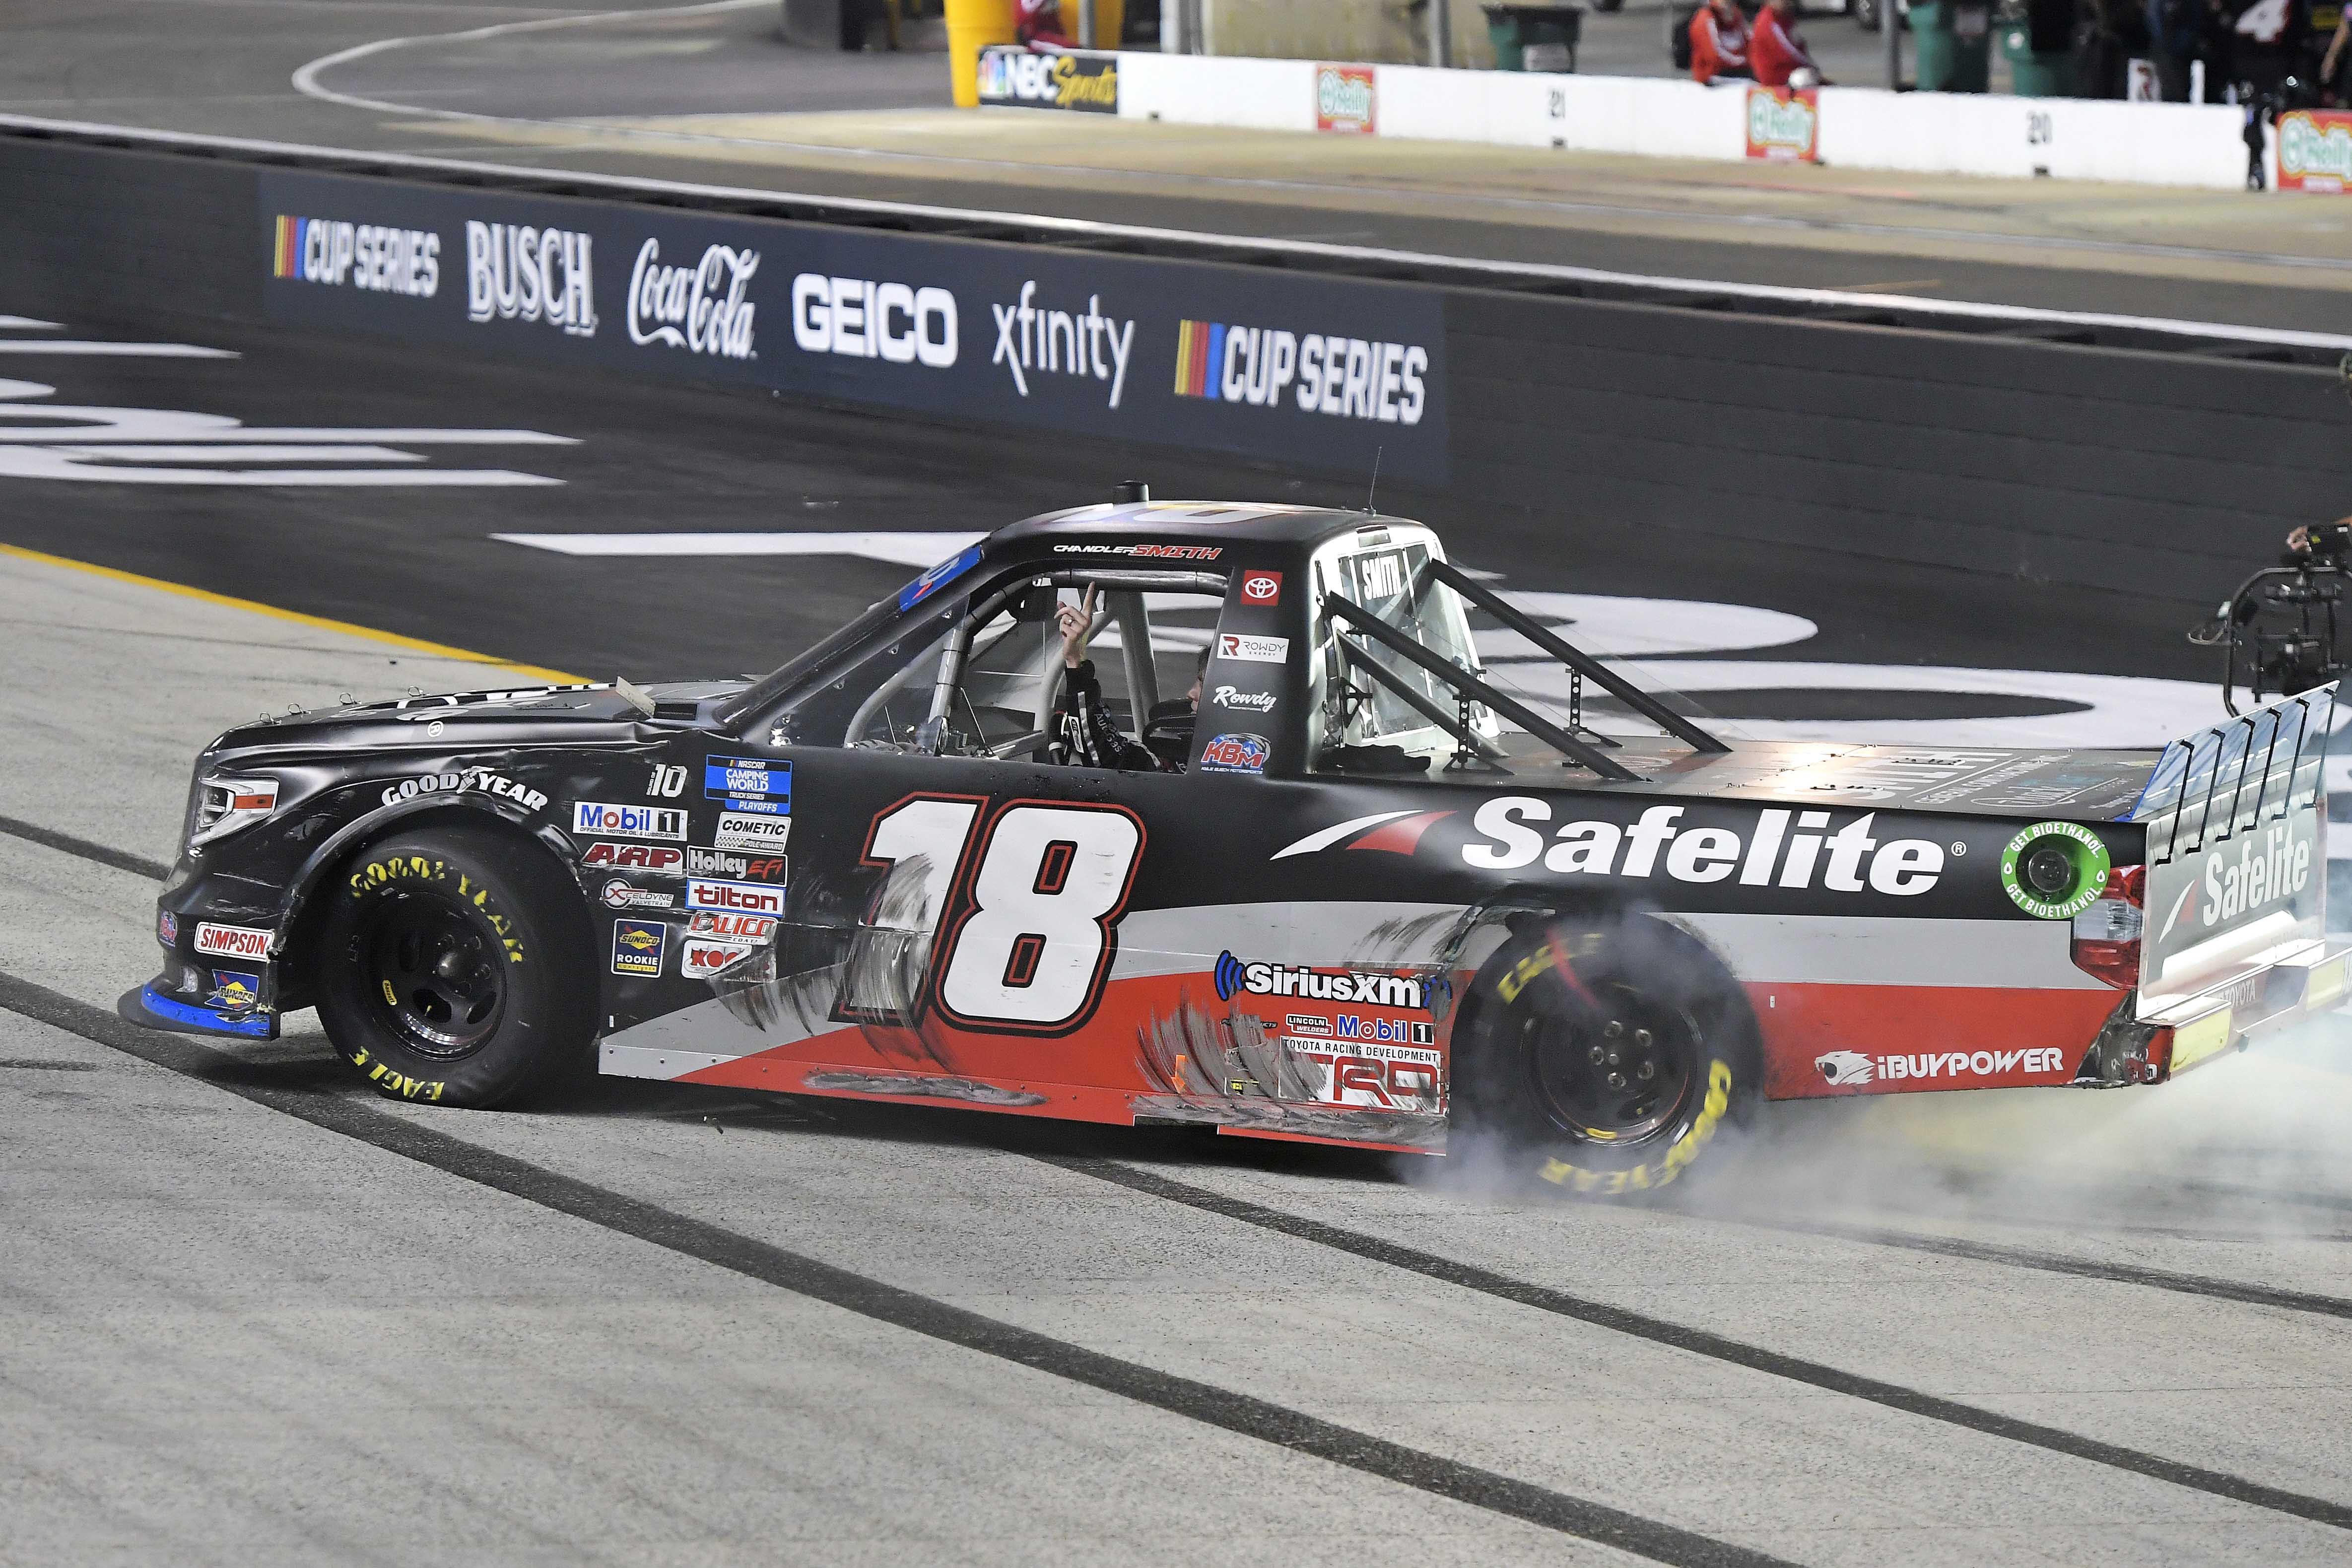 Chandler Smith wins Bristol Motor Speedway - NASCAR Truck Series - Burnout